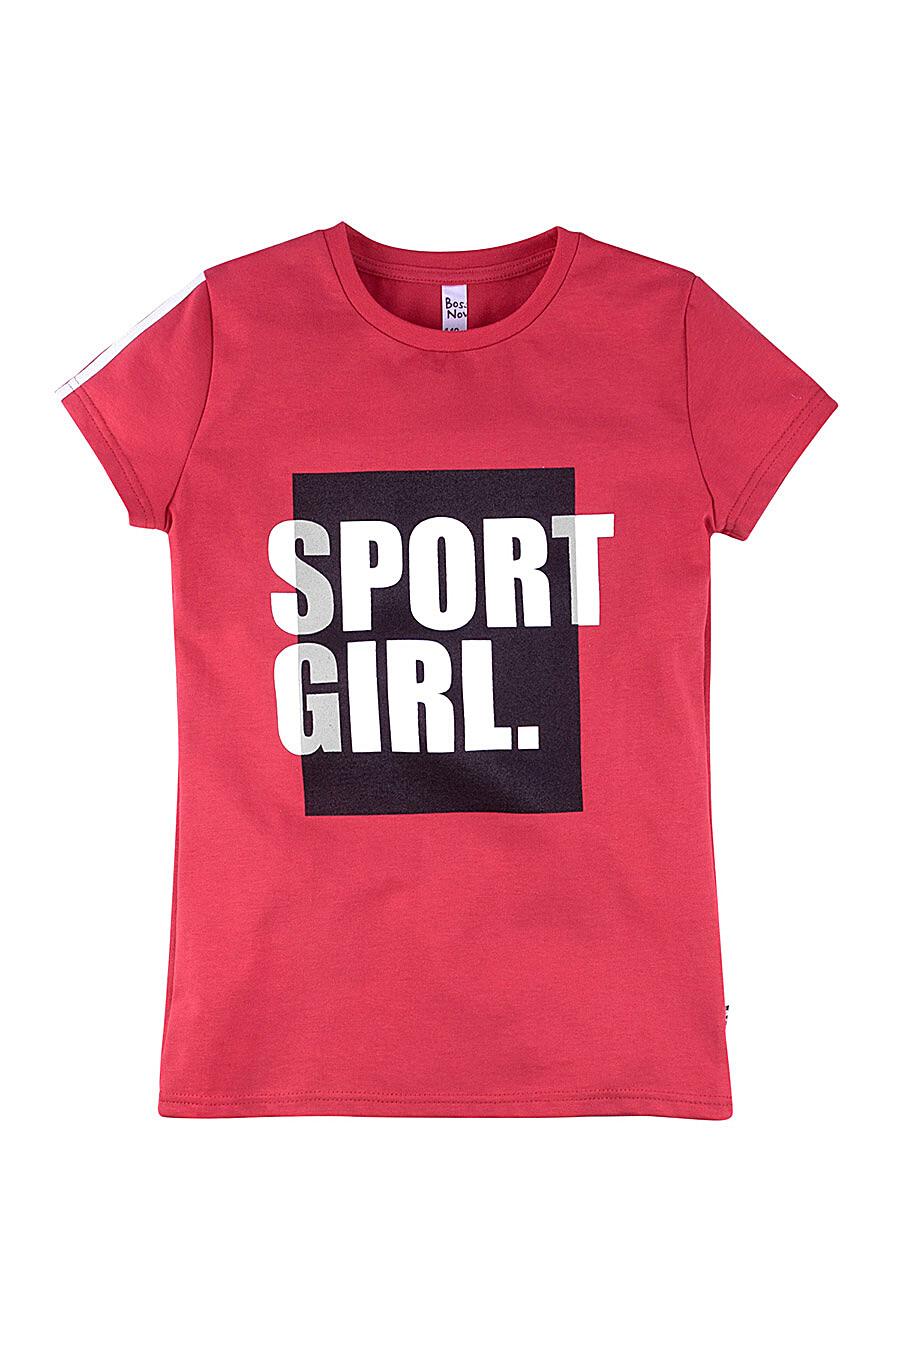 Футболка для девочек BOSSA NOVA 219901 купить оптом от производителя. Совместная покупка детской одежды в OptMoyo